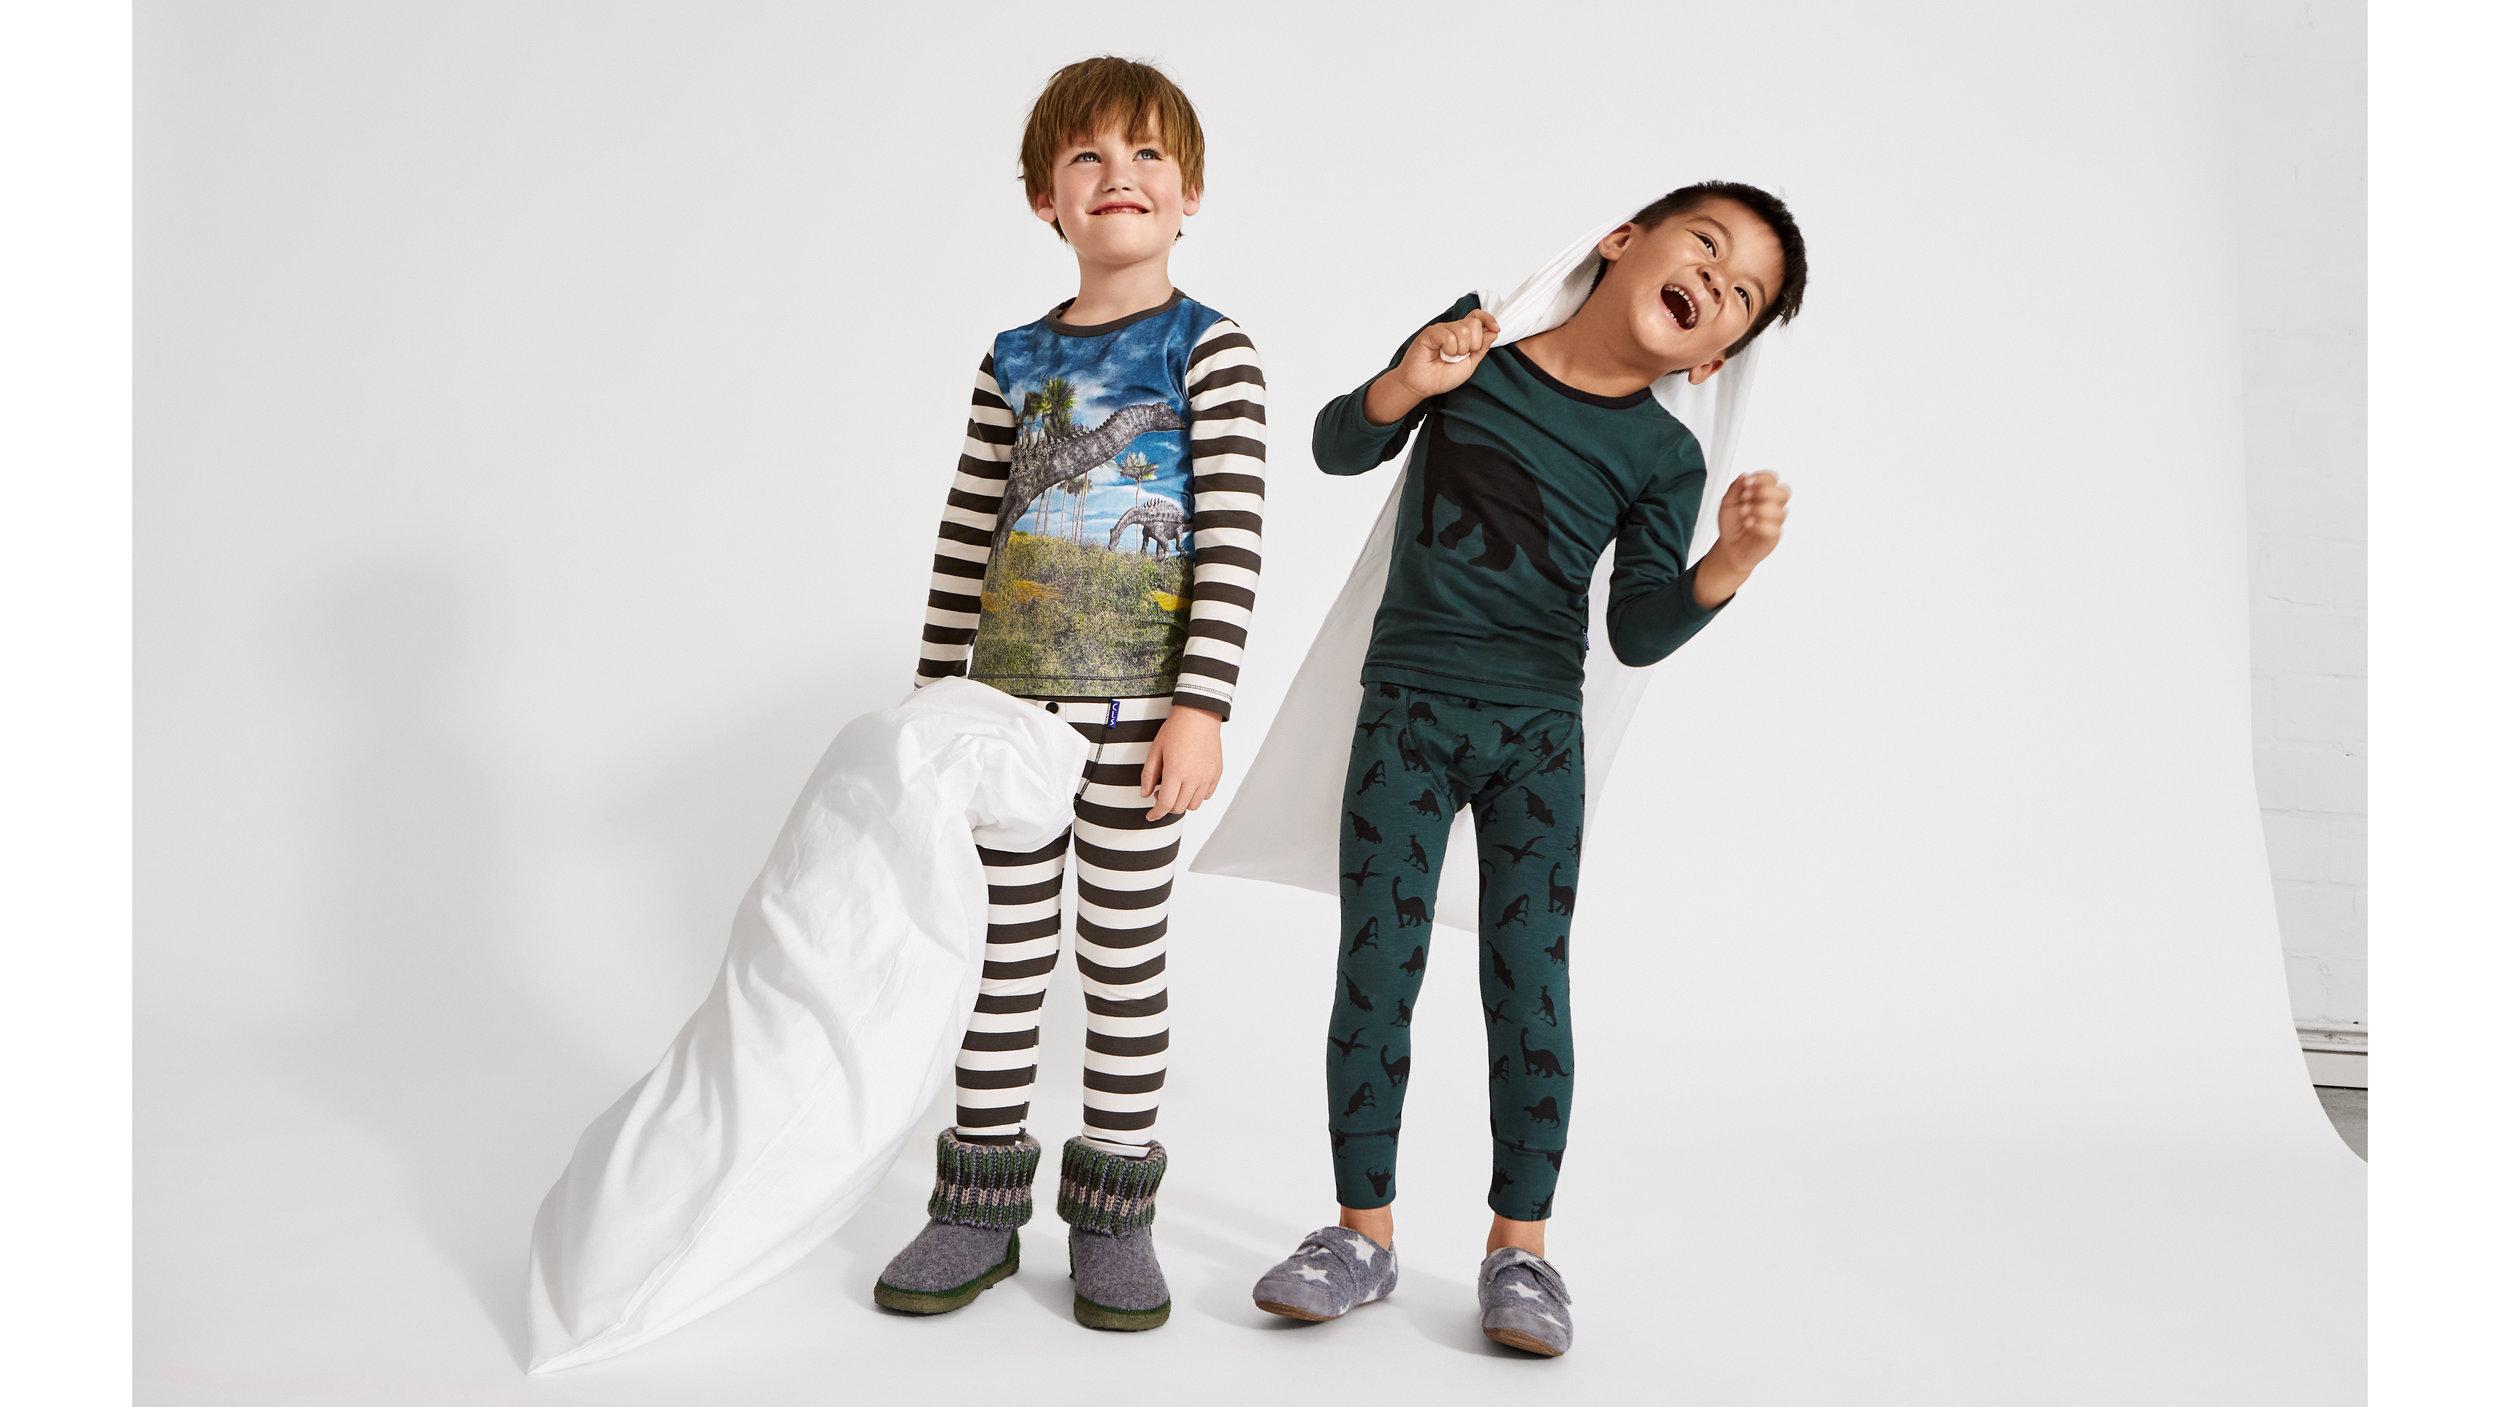 AW18_Kids_13_Dinomania_Loungewear_030_ret.jpg